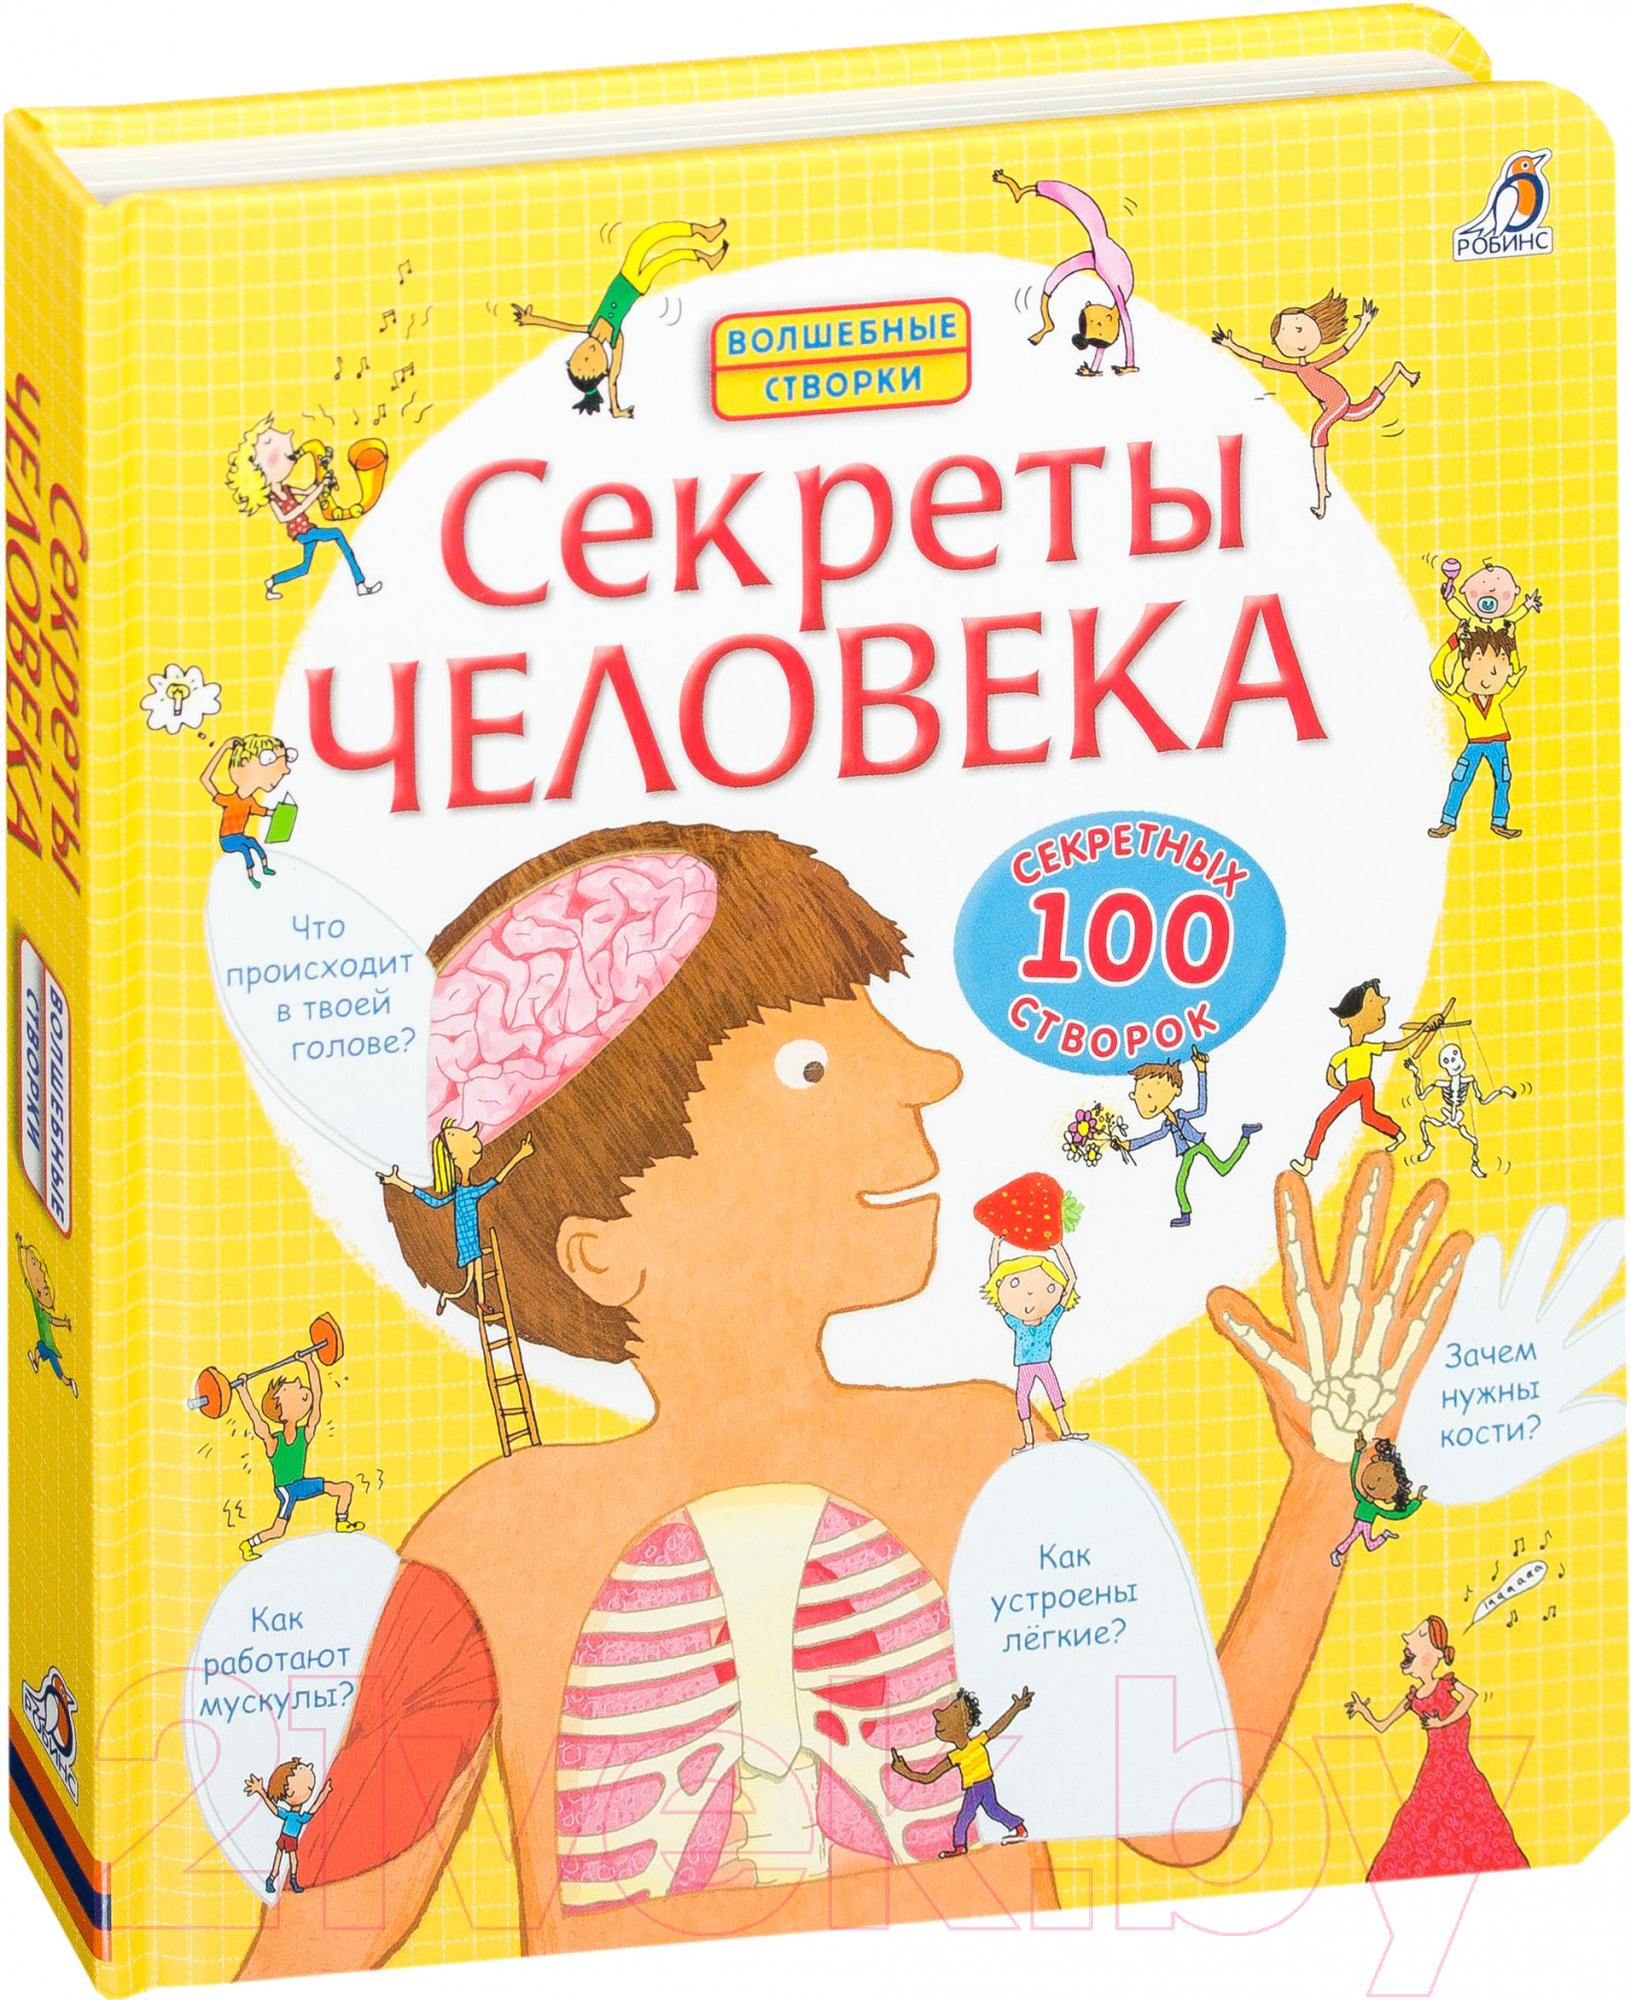 Купить Энциклопедия Робинс, Секреты человека. 100 секретных створок (Стовелл Л.), Россия